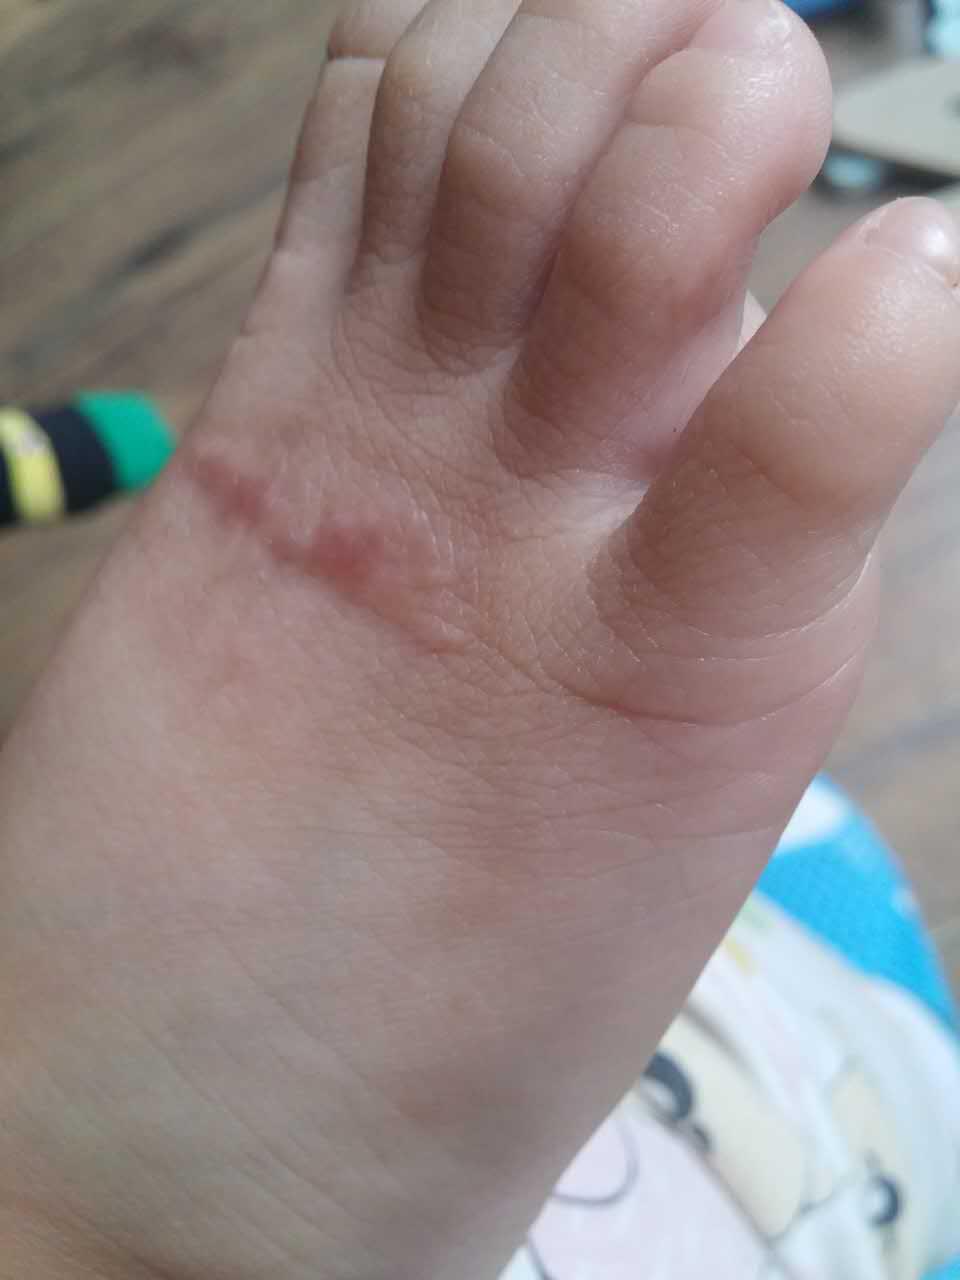 给大家分享一个可痕的反馈图:这位宝宝不小心烫到了脚,水泡下去以后就是疤痕的增生,断断续续用可痕一个月,疤痕变薄变软 (大家记得每天坚持早晚清洗疤痕,涂抹可痕后要按摩2分钟,会更快见效哦~